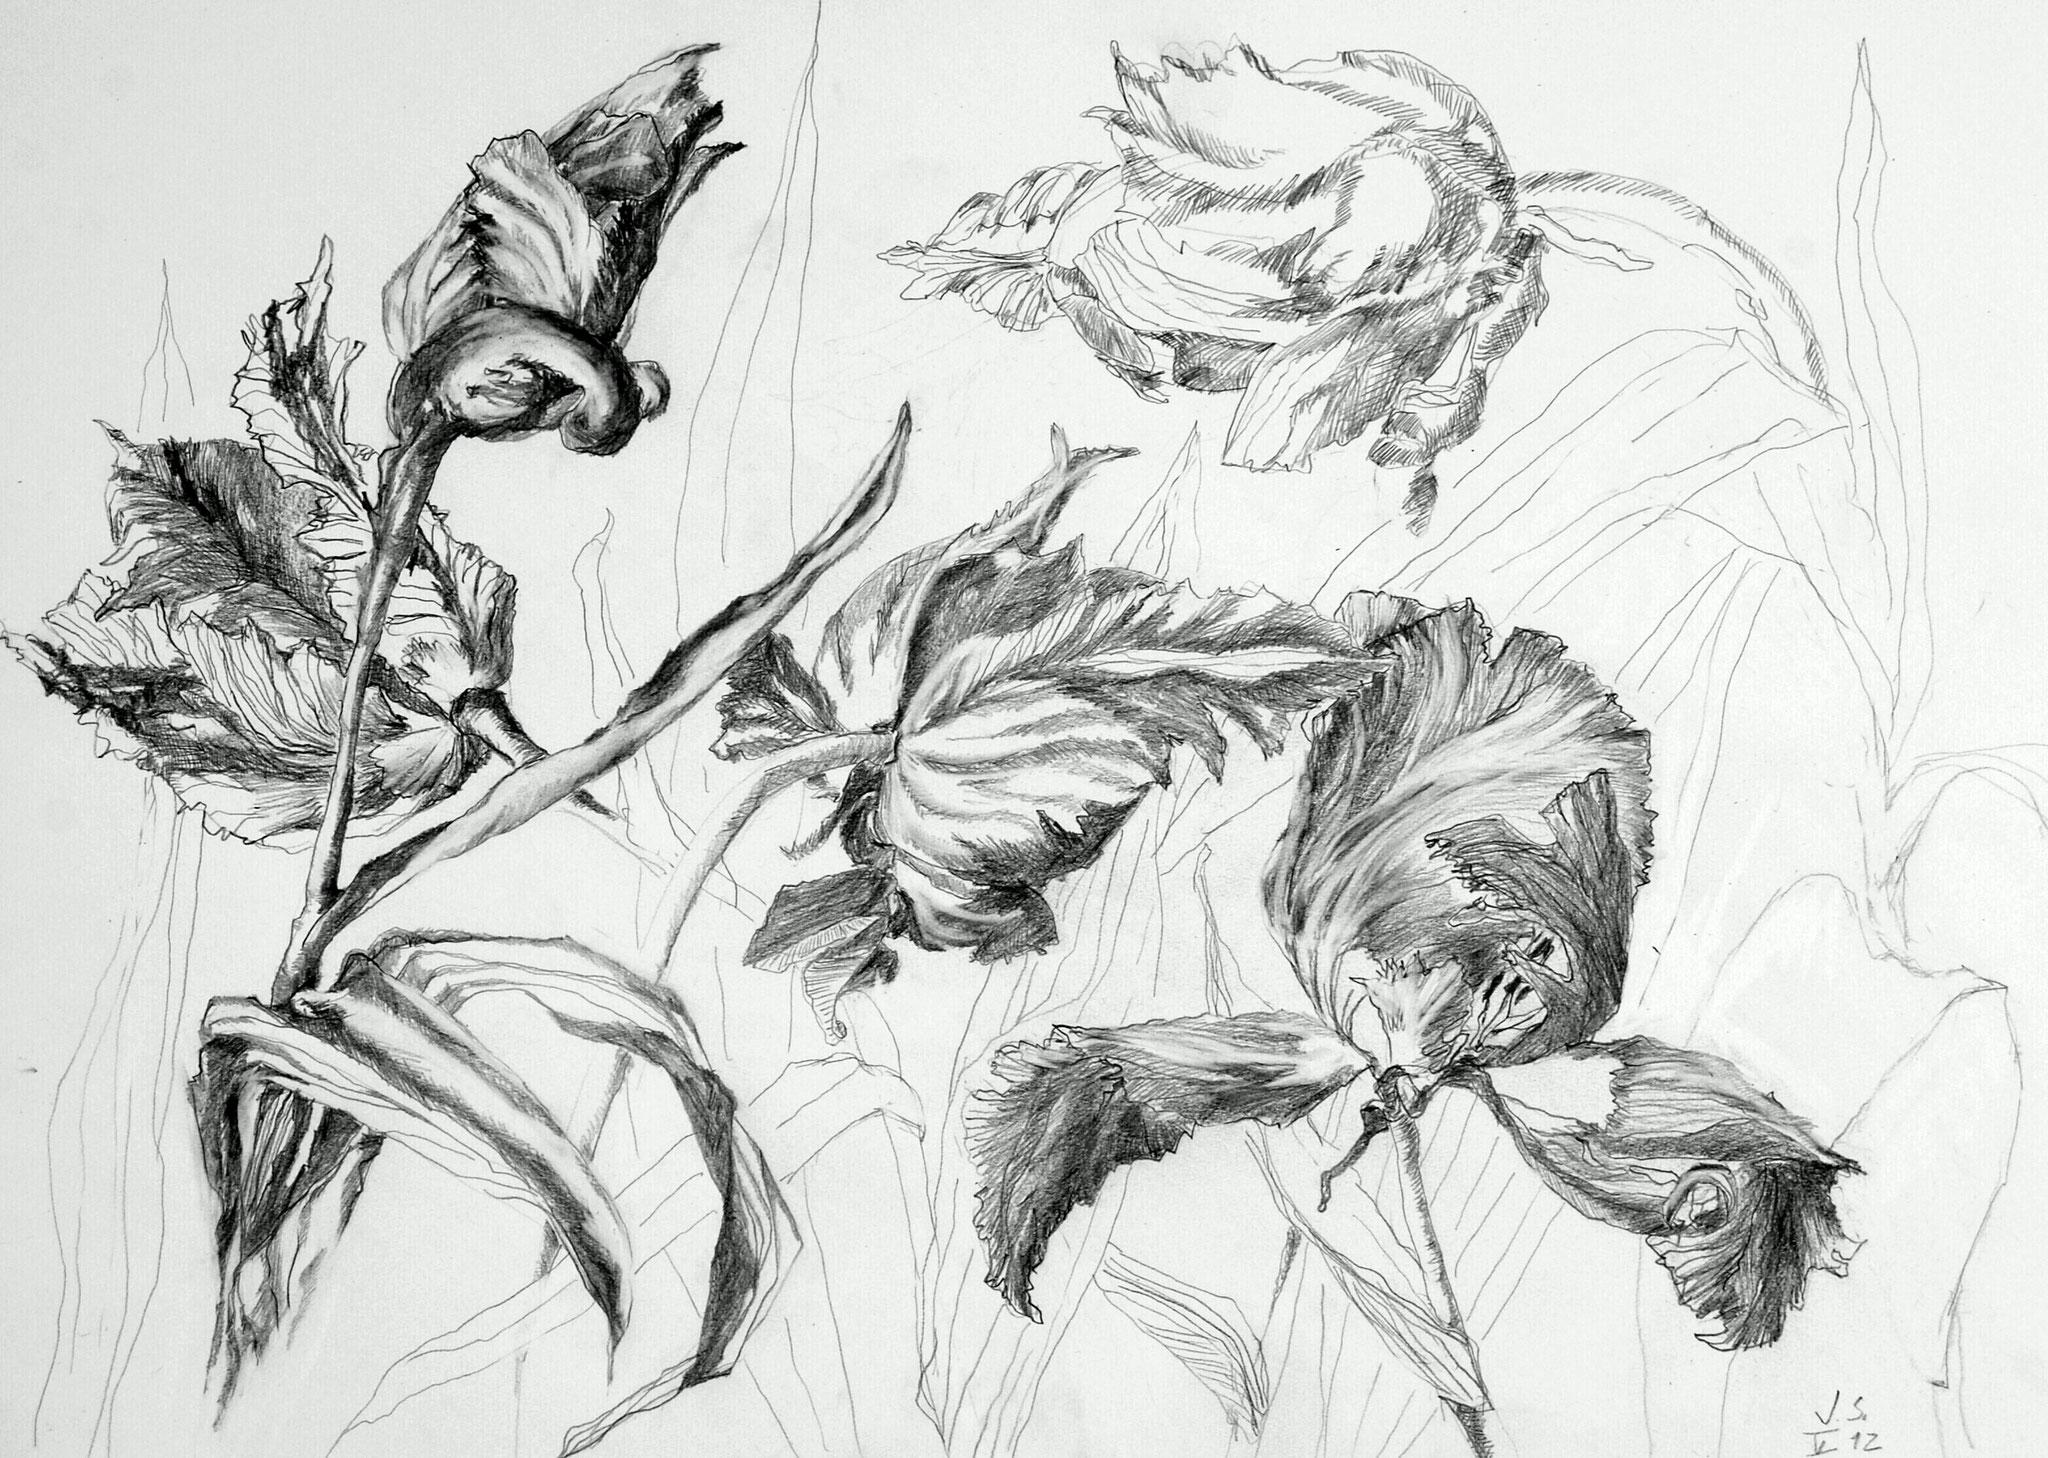 Eine französiche Tulpe, 2012, Bleistift auf Papier, 42 x 59 cm